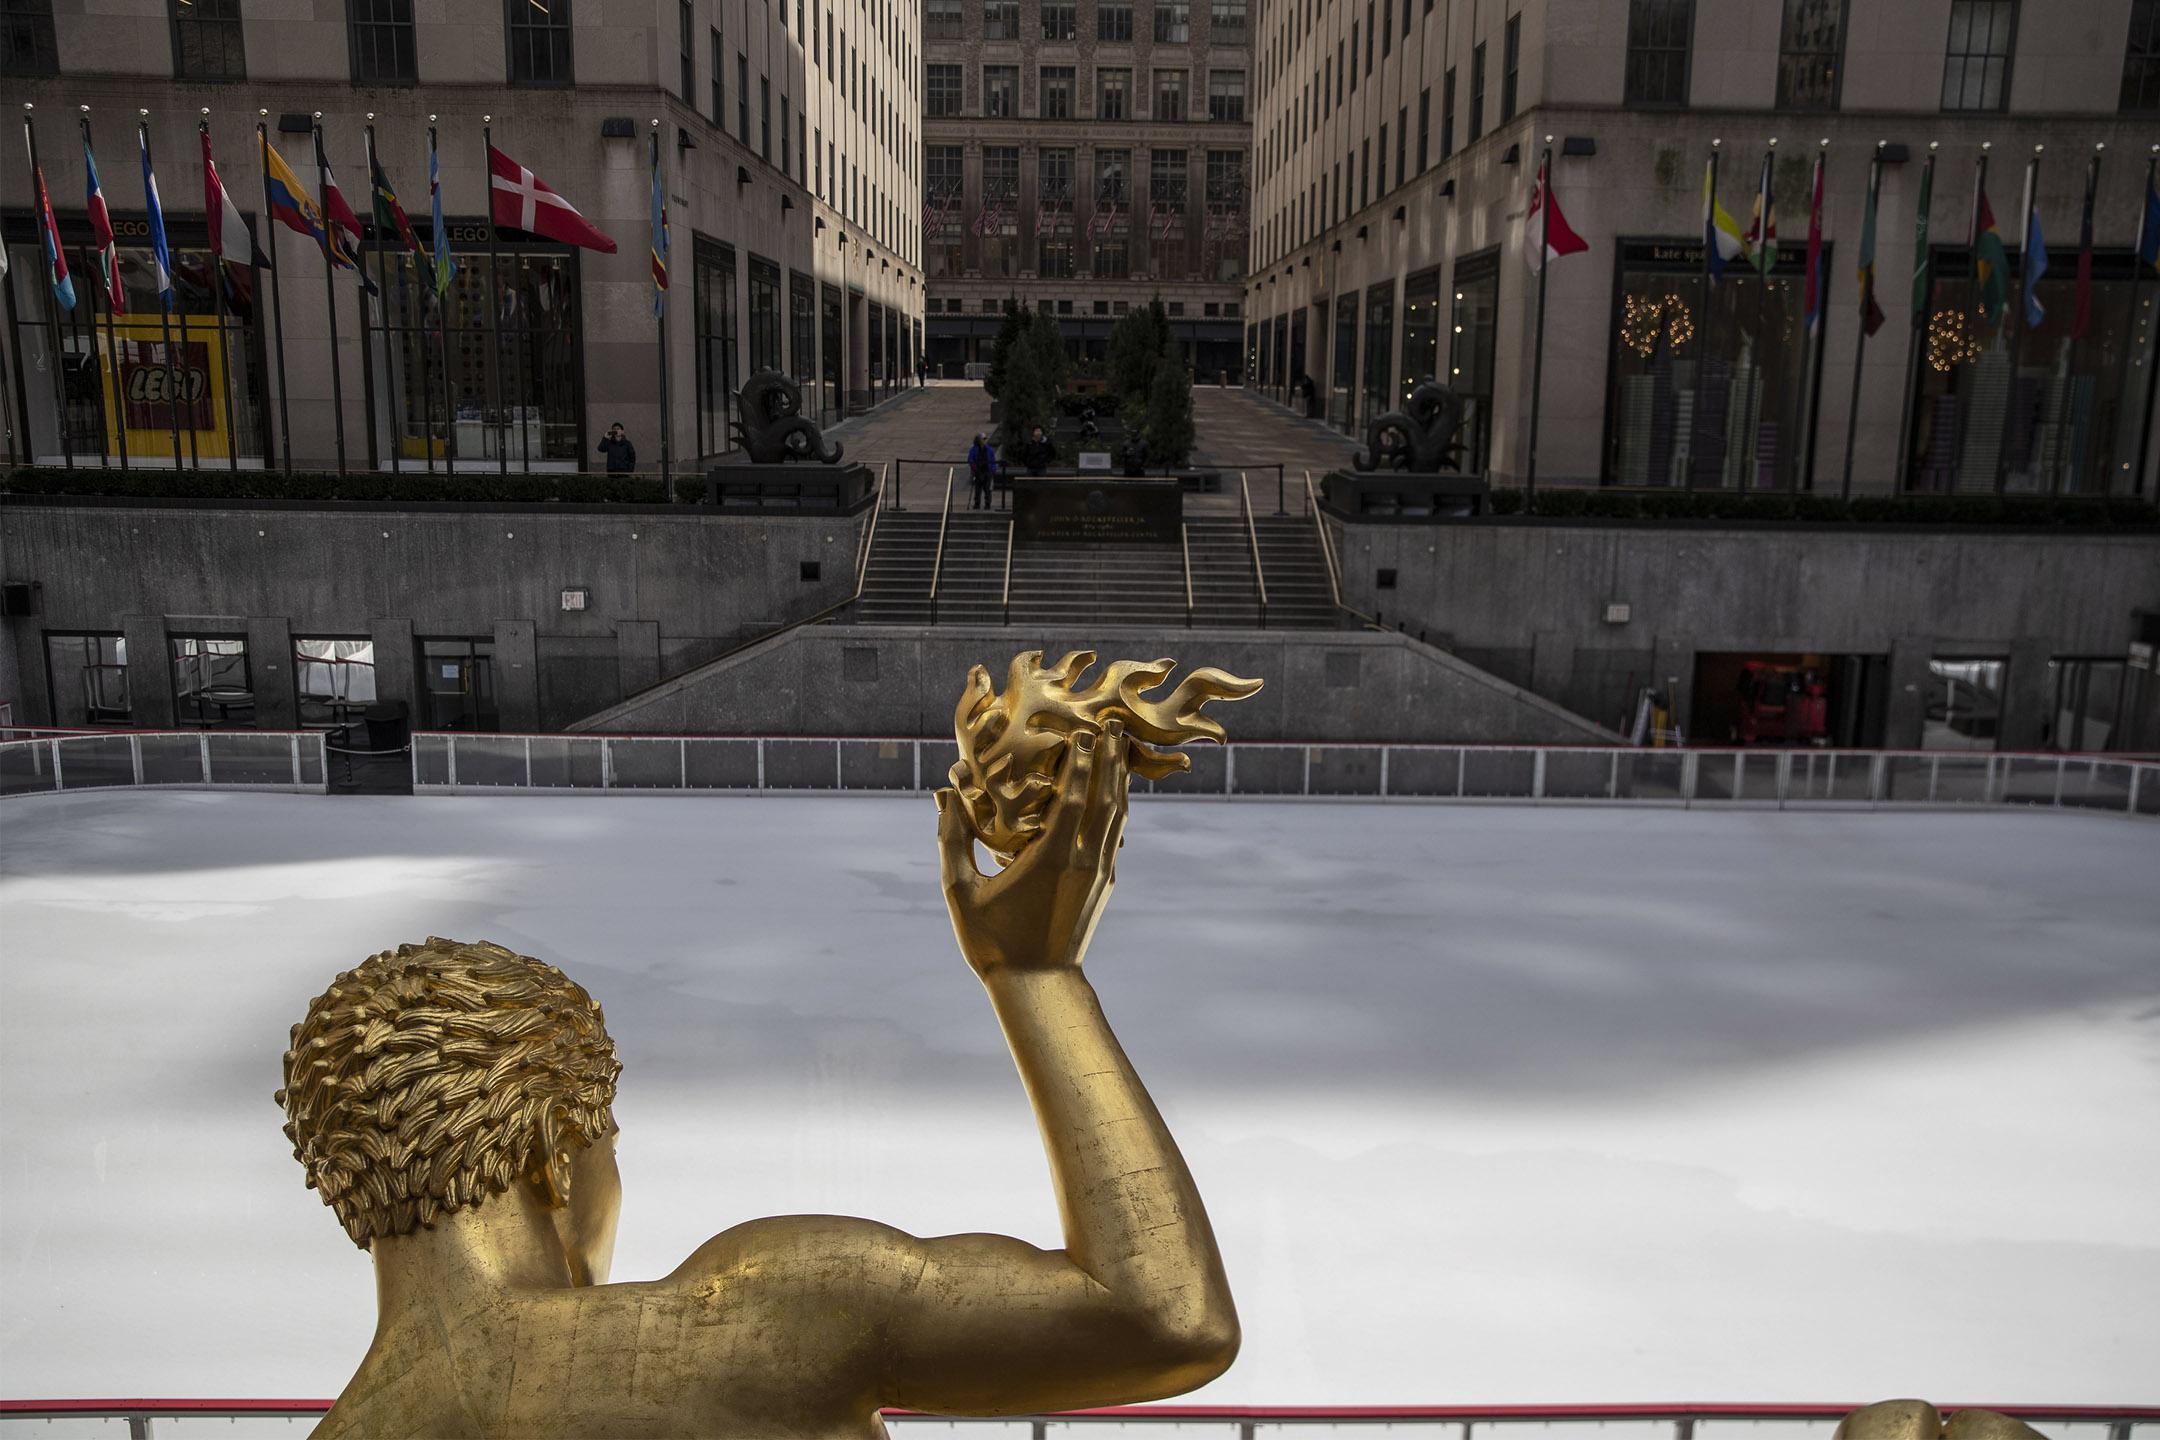 2020年3月18日紐約,洛克菲勒中心無人的滑冰場。